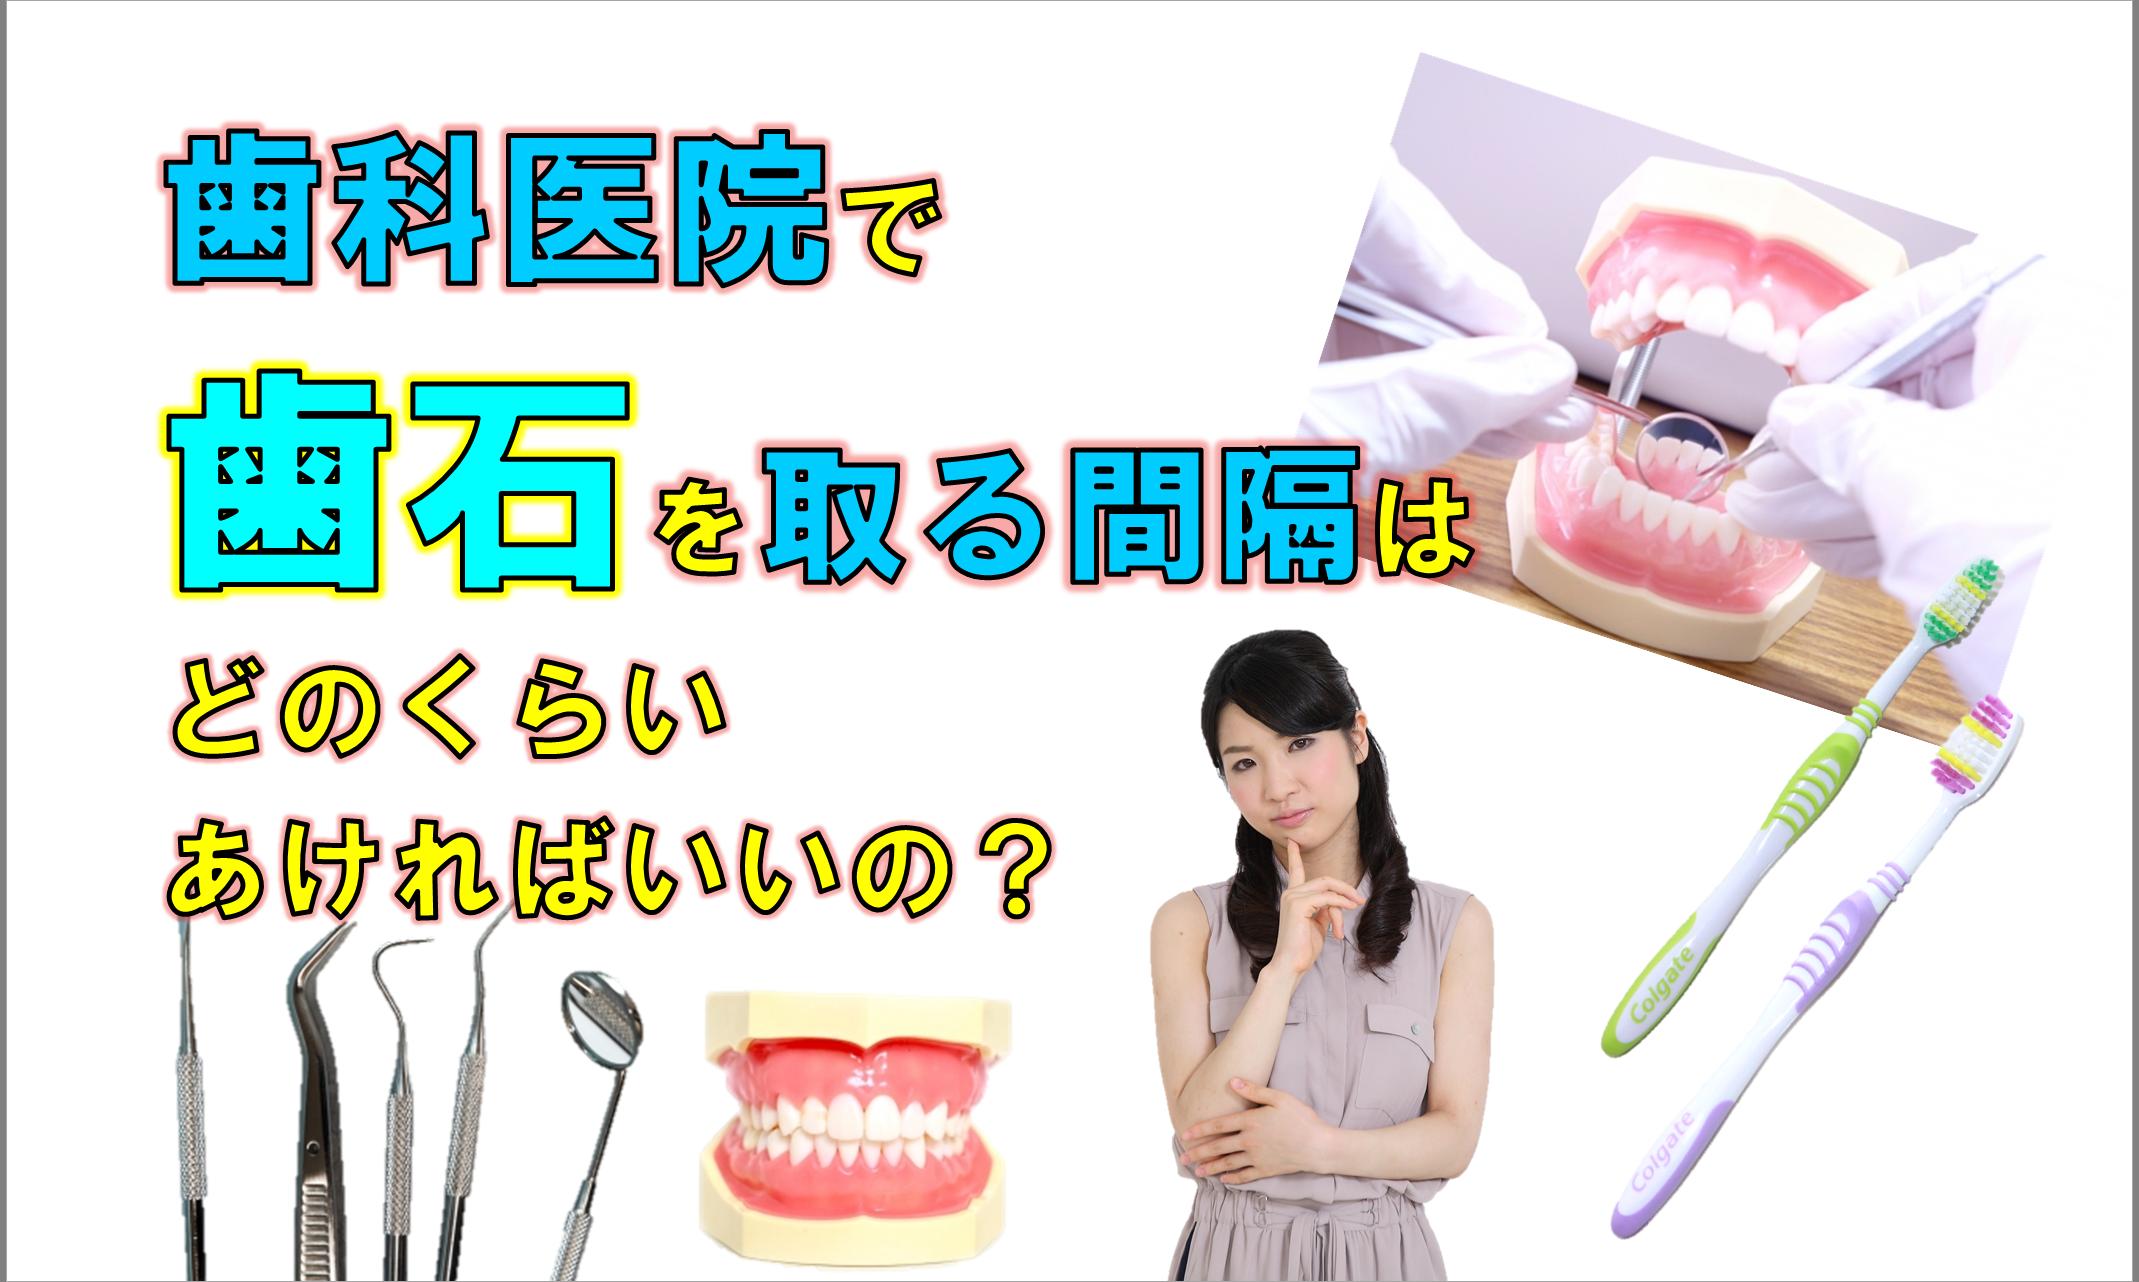 歯科 群馬 前橋 高崎 伊勢崎 桐生 太田 予防歯科  歯周病 歯石 定期検診